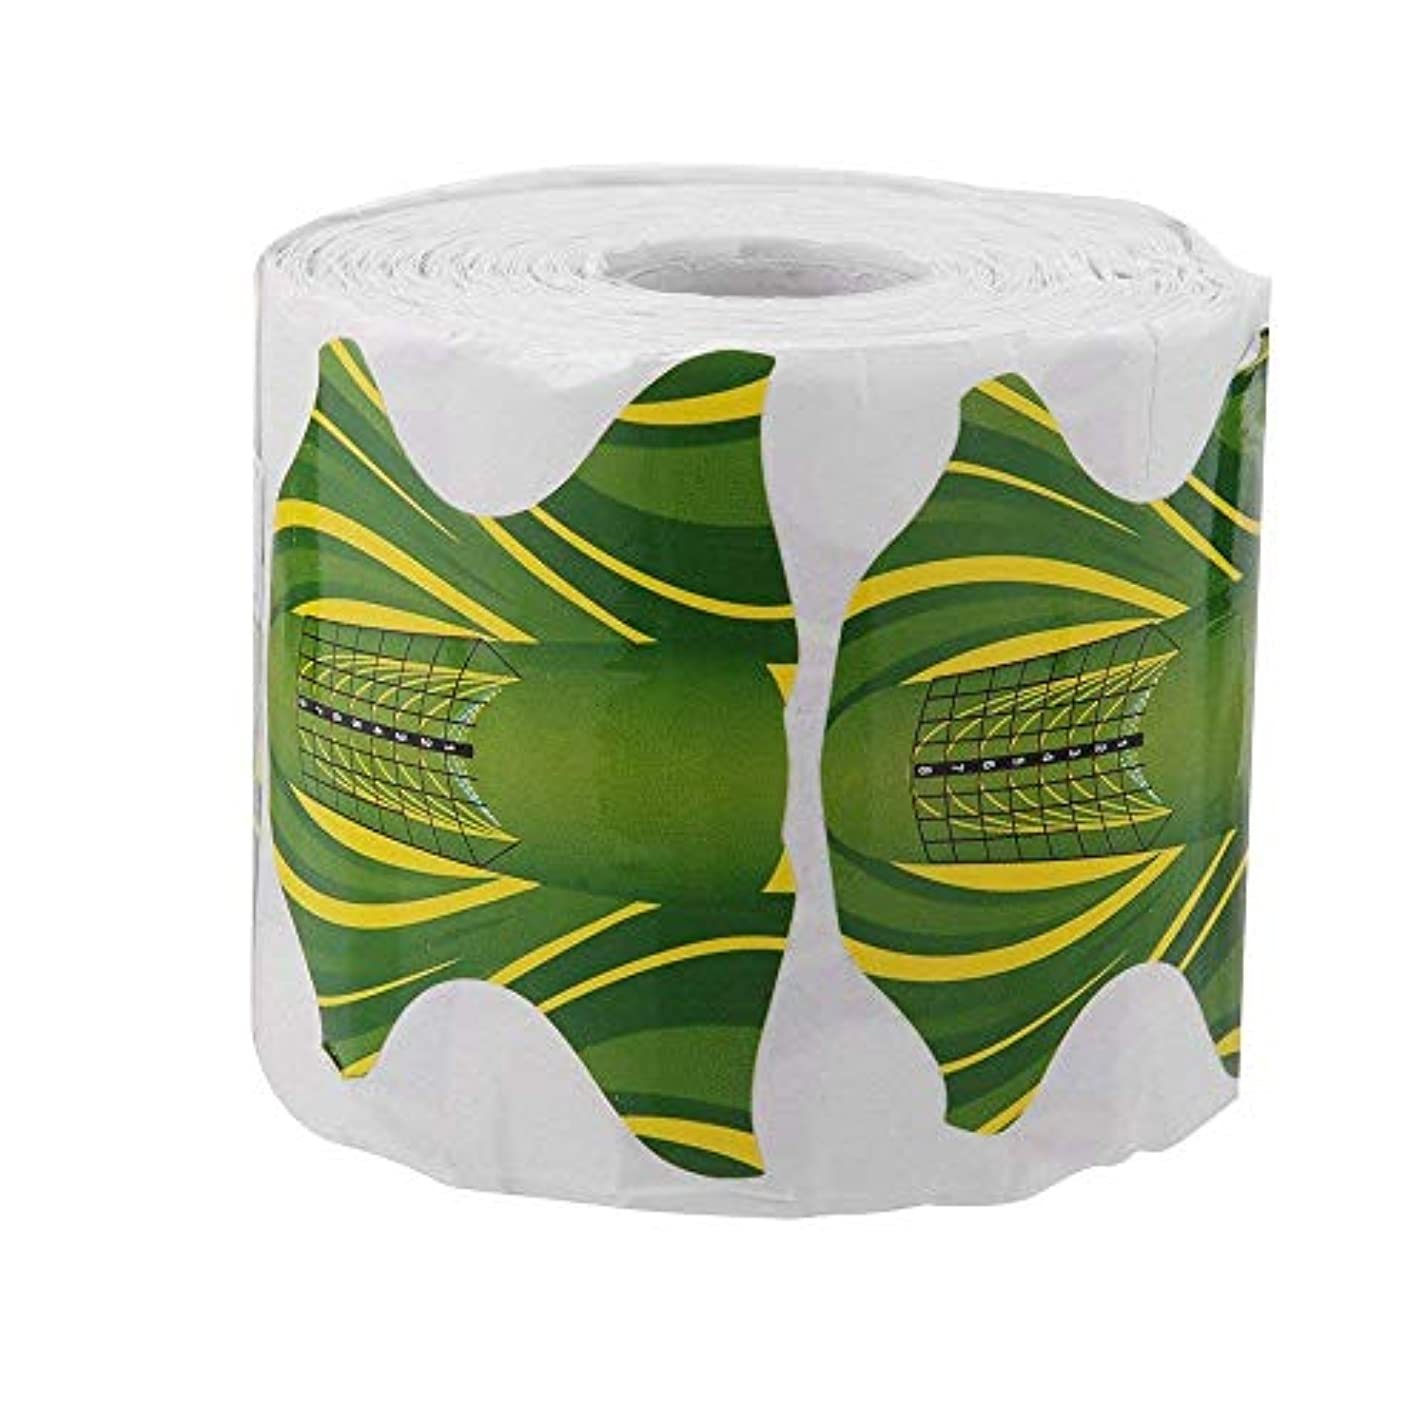 蛾専門知識摂氏CUHAWUDBA 500本 ネイルアート アクリル チップ ガイドゲル エクステンション ネイルスタイルのツール ネイルケア